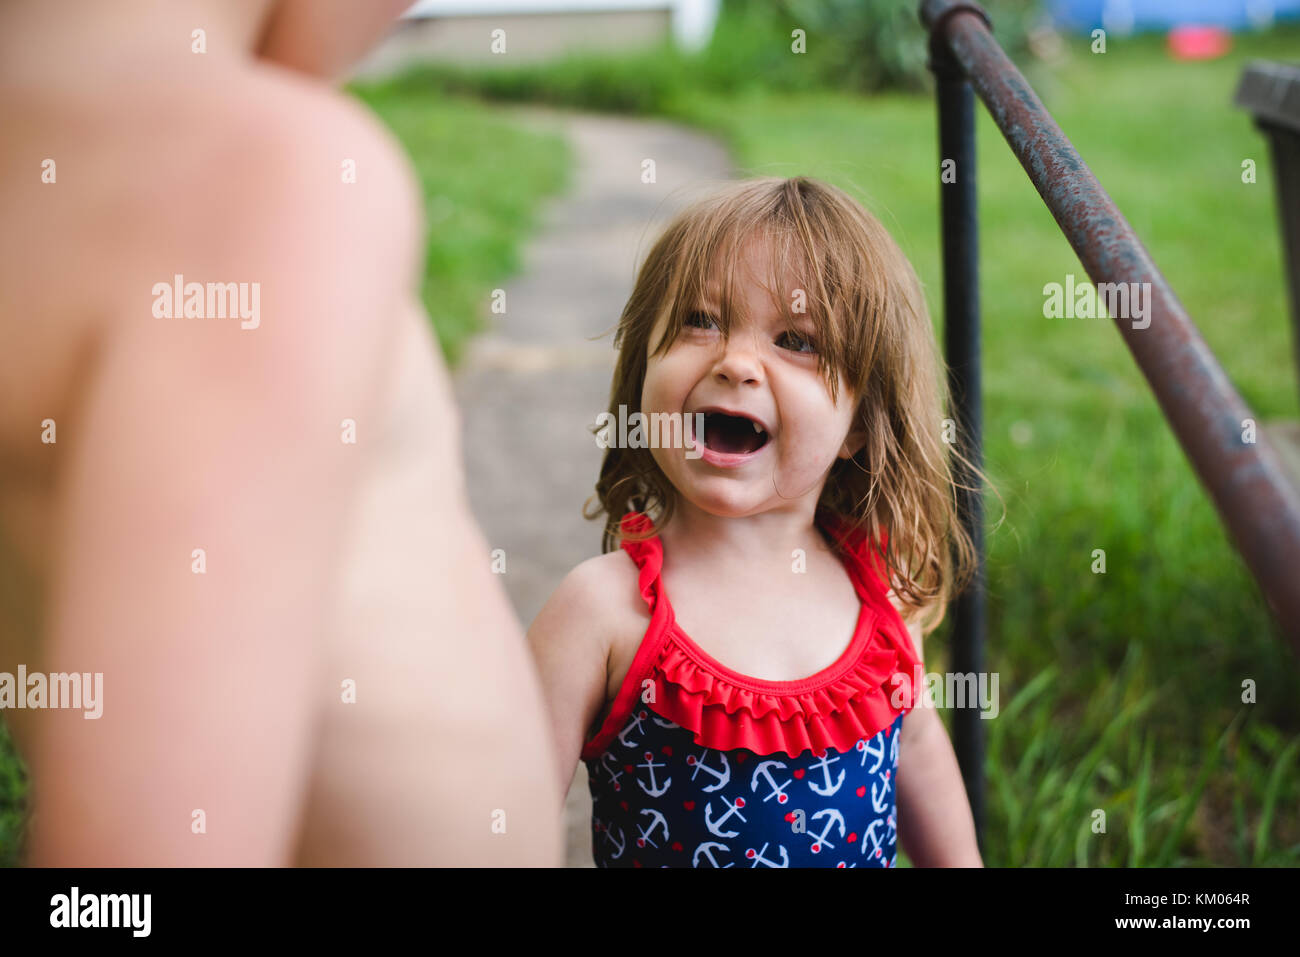 Ein Kind weint, während ihr Bruder auf aussieht. Stockbild